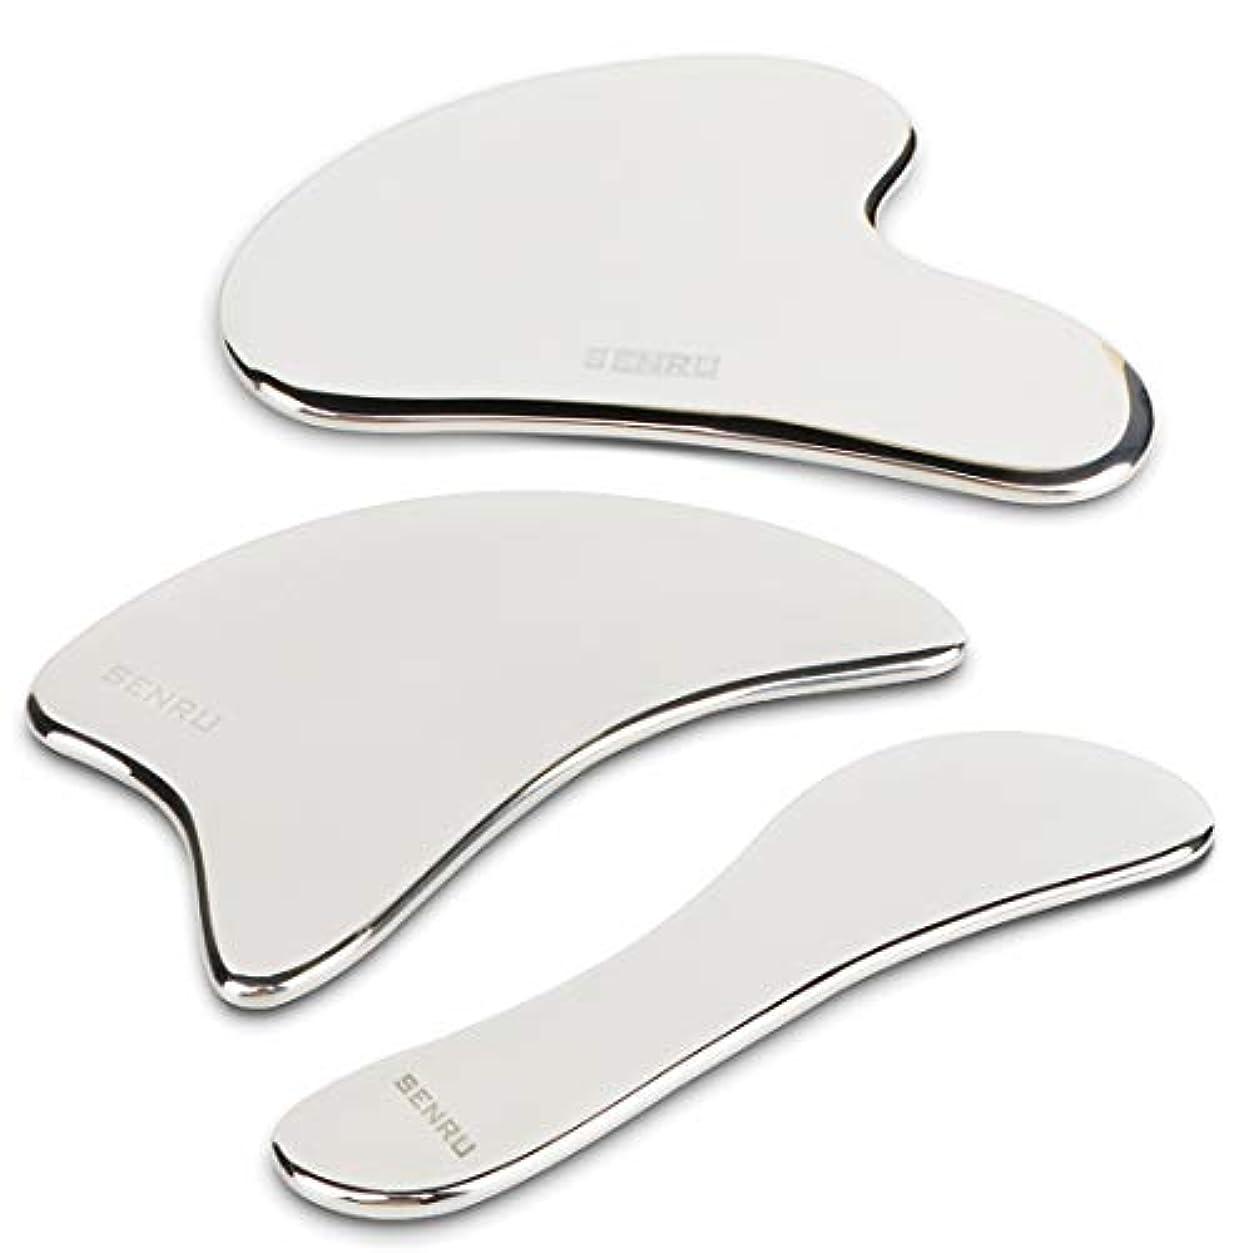 ステンレスかっさプレート かっさマッサージ 筋膜リリースツール IASTM 顔&体にマッサージ ほうれい線の消すに役立つ 専用Graston物理治療ツール 三つセット